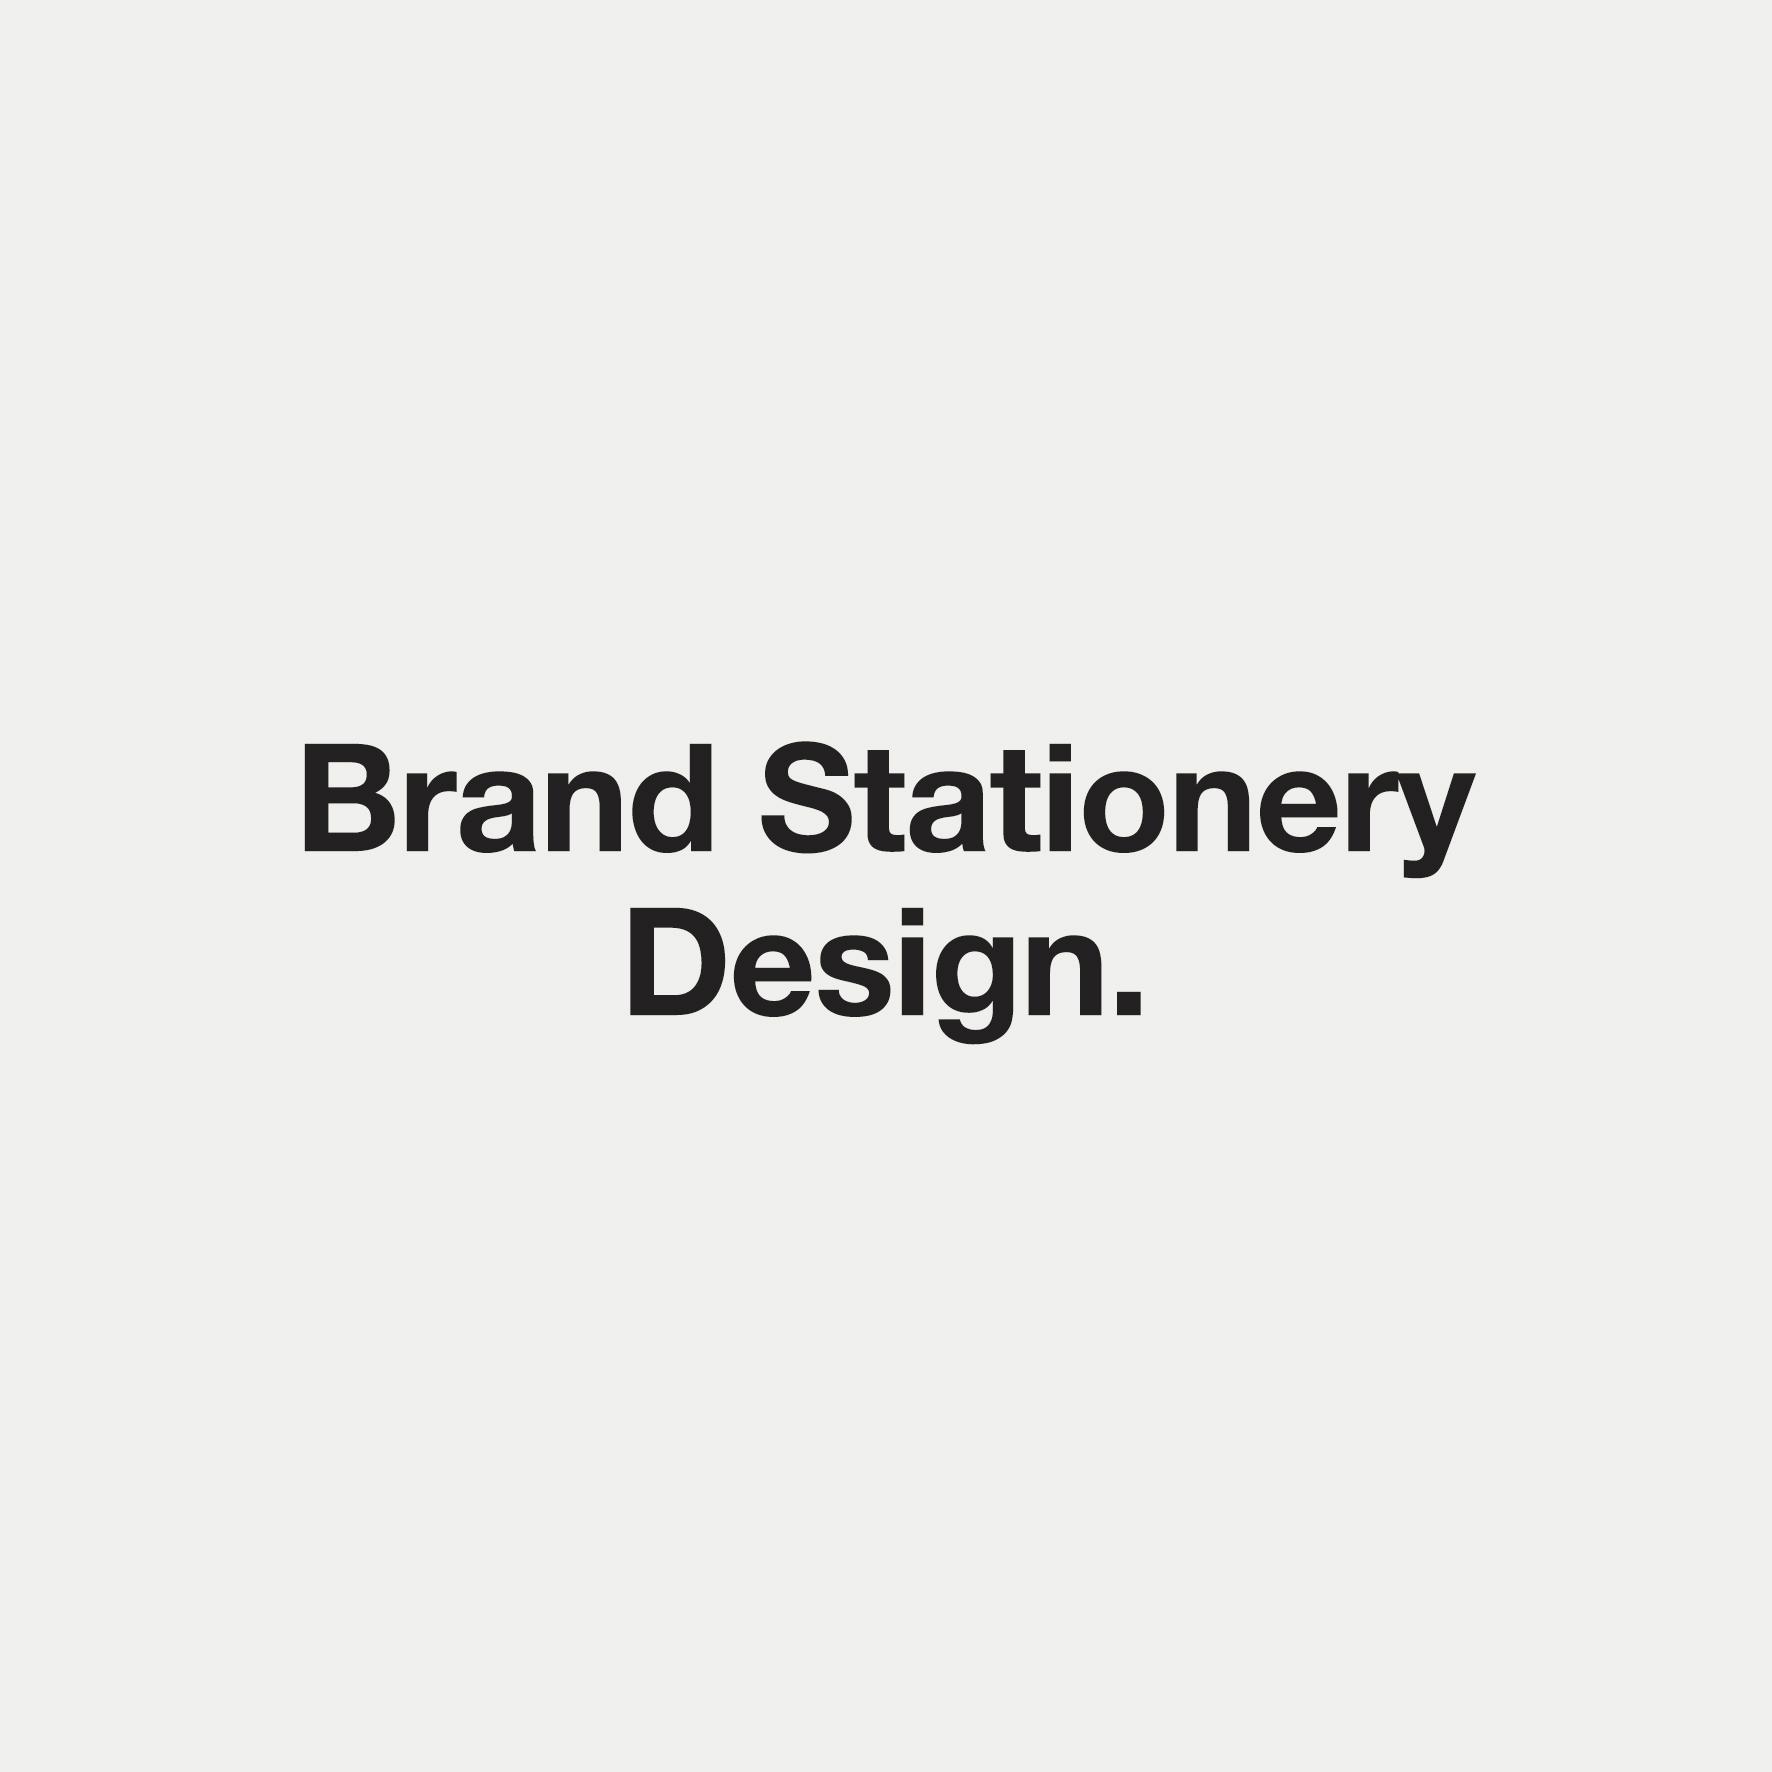 Design - Brand Stationery Thumbnail.jpg